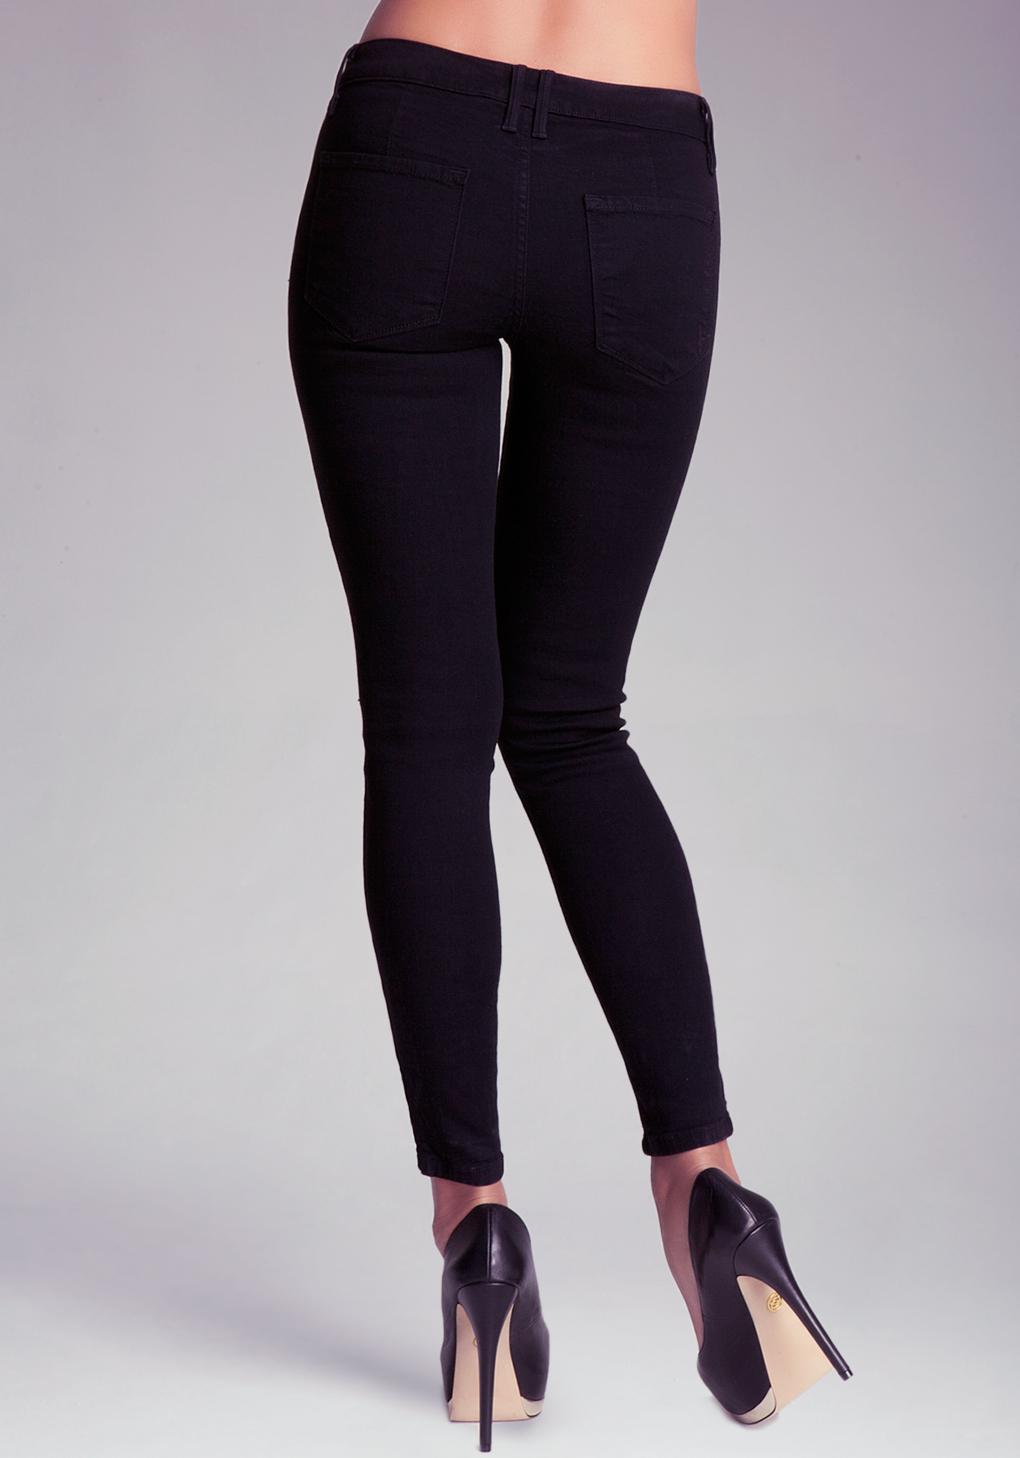 Bebe Black Multi Zipper Skinny Jeans in Black | Lyst